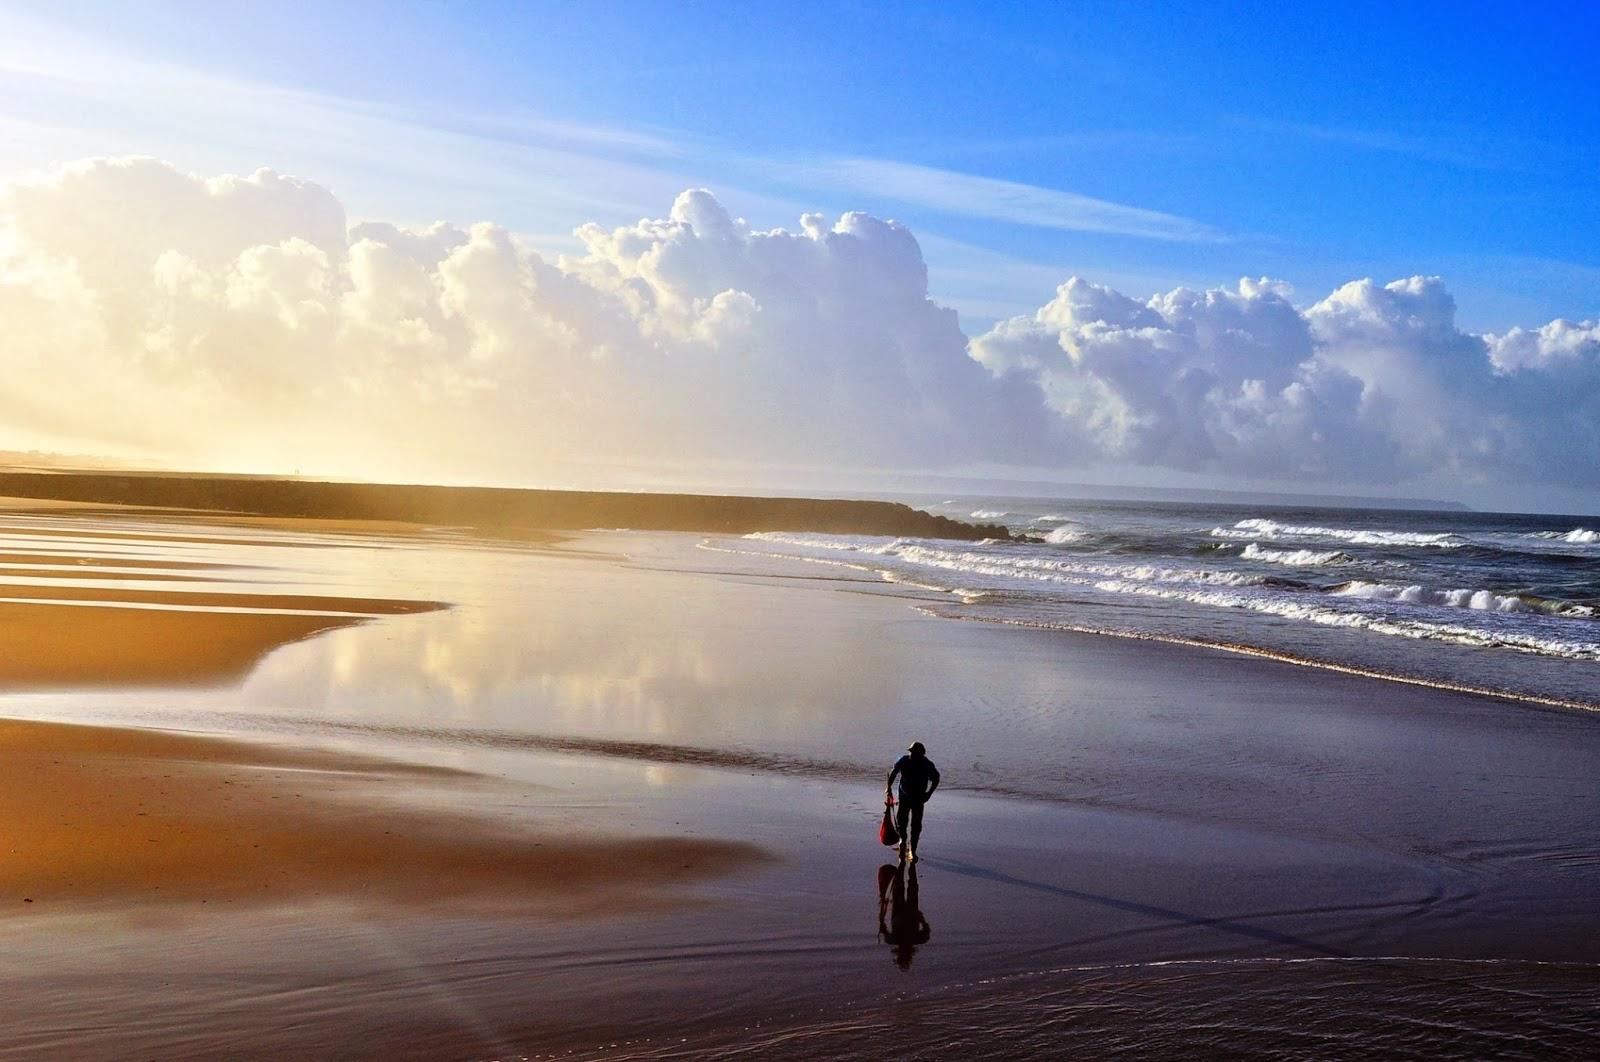 Първите слънчеви лъчи обагрят с метален отенък брега на океана. Кошта да Капарика